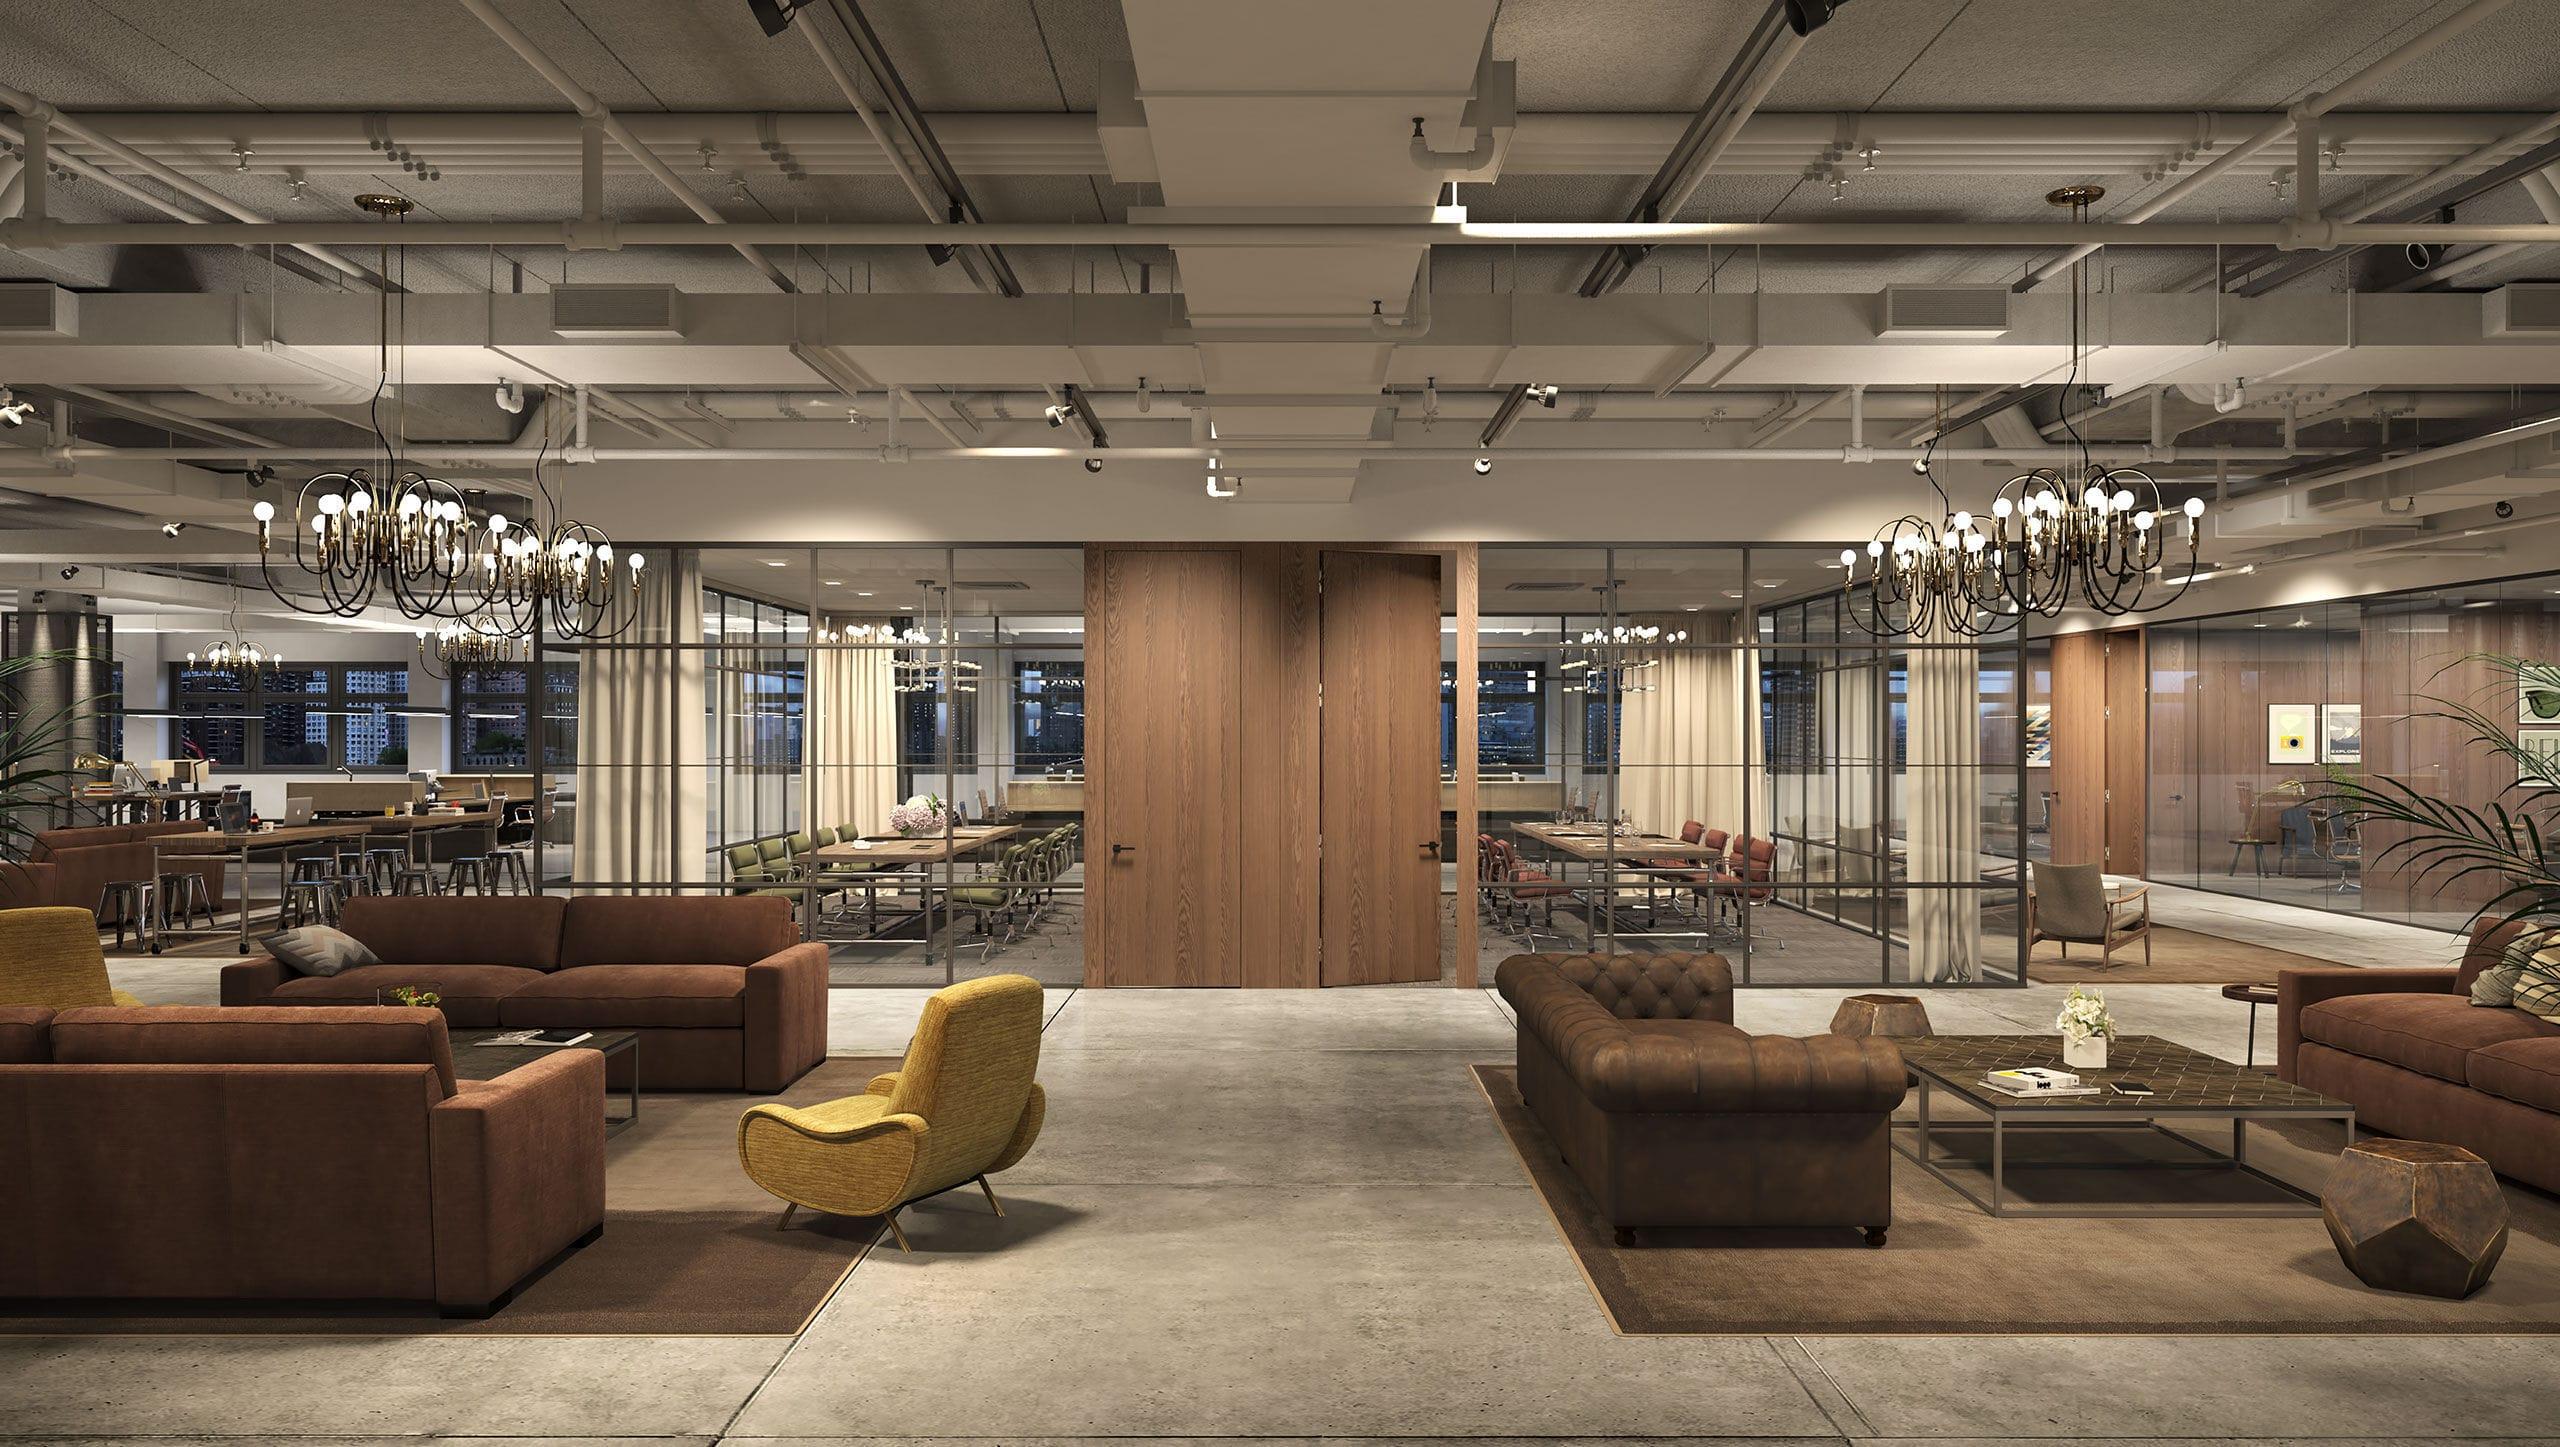 stunning bunte glas trennwande spielerisch ideas - globexusa.us ... - Industrieller Schick Design Dachwohnung